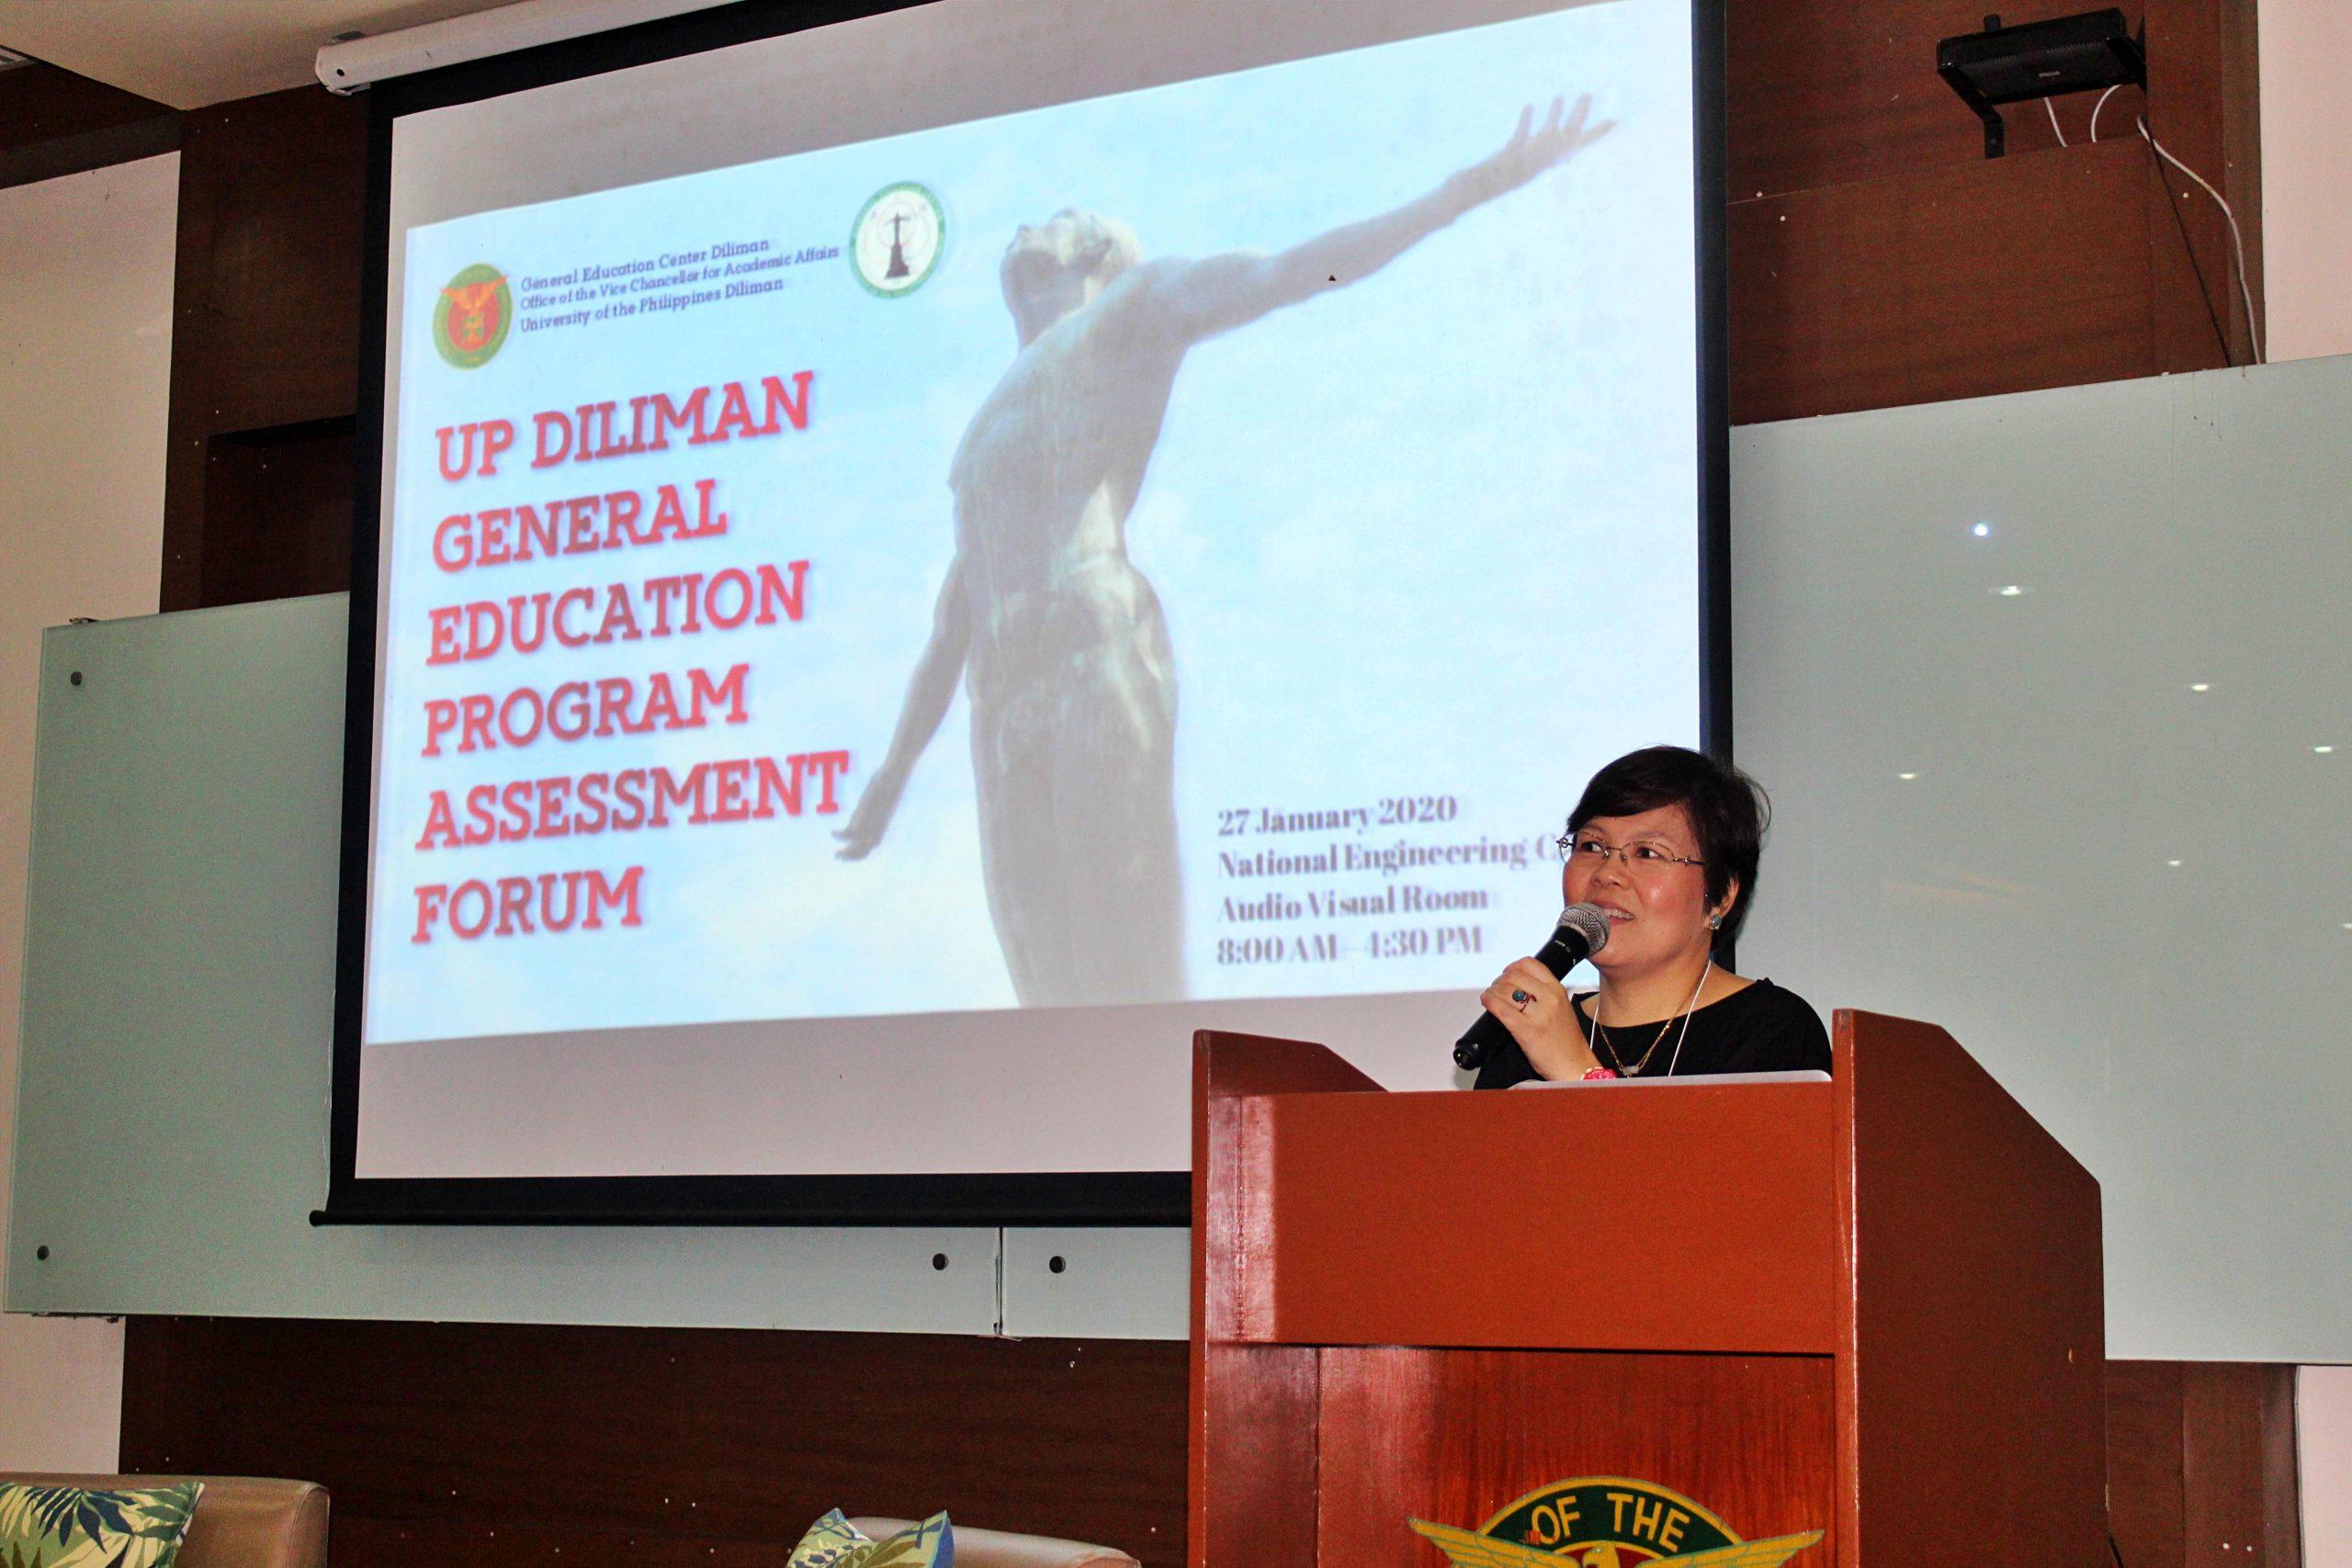 GEC Director Vanessa Oyzon opens the forum